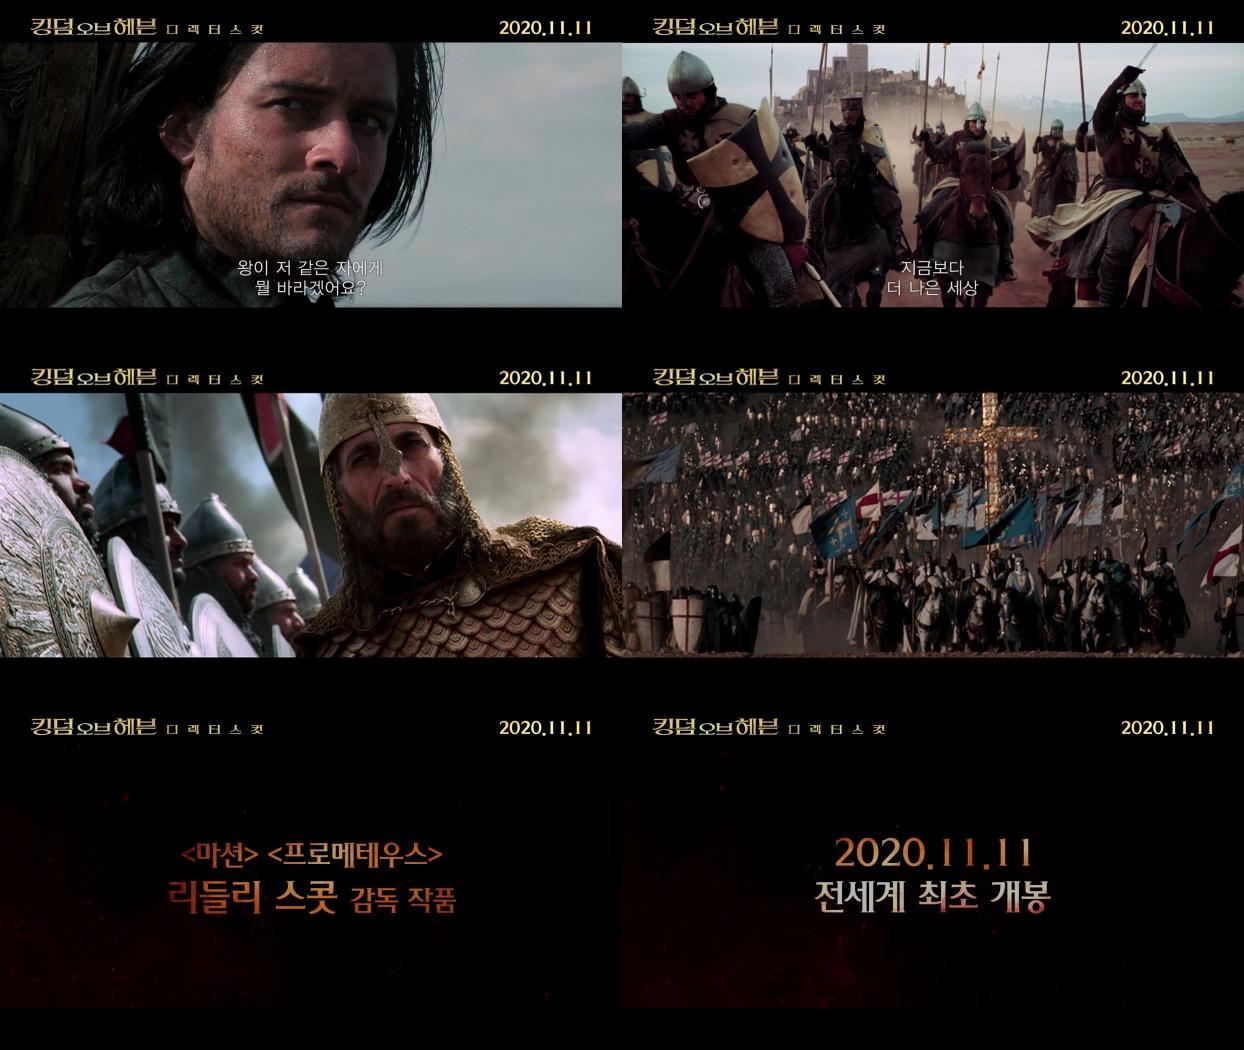 영화 '킹덤 오브 헤븐: 디렉터스 컷' 예고편. 사진 (주)제이브로, 포레스트